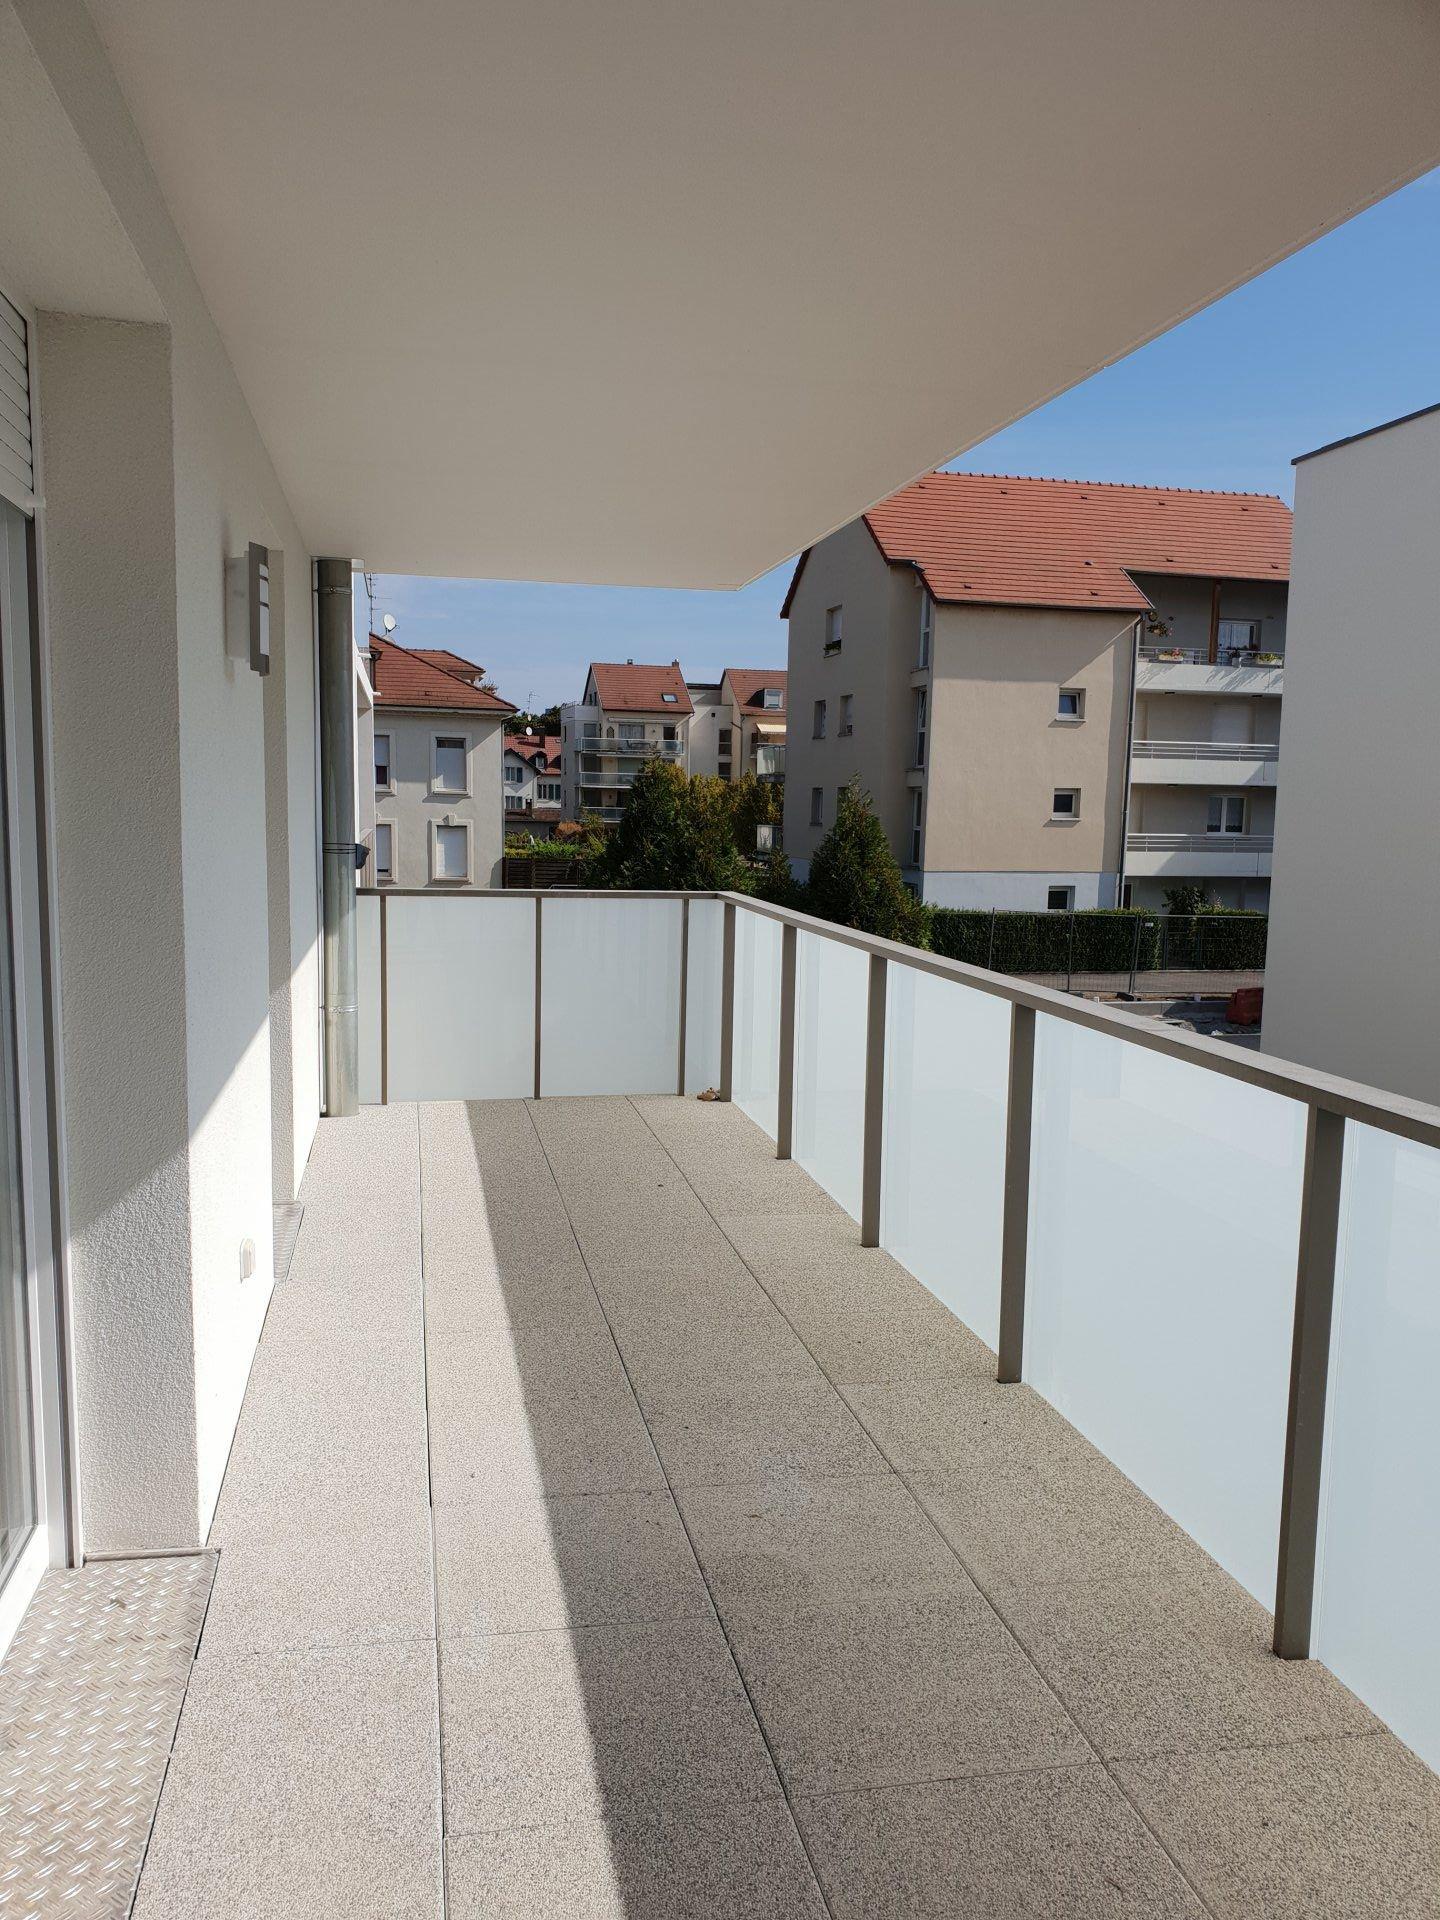 3 pièces avec grande terrasse !!